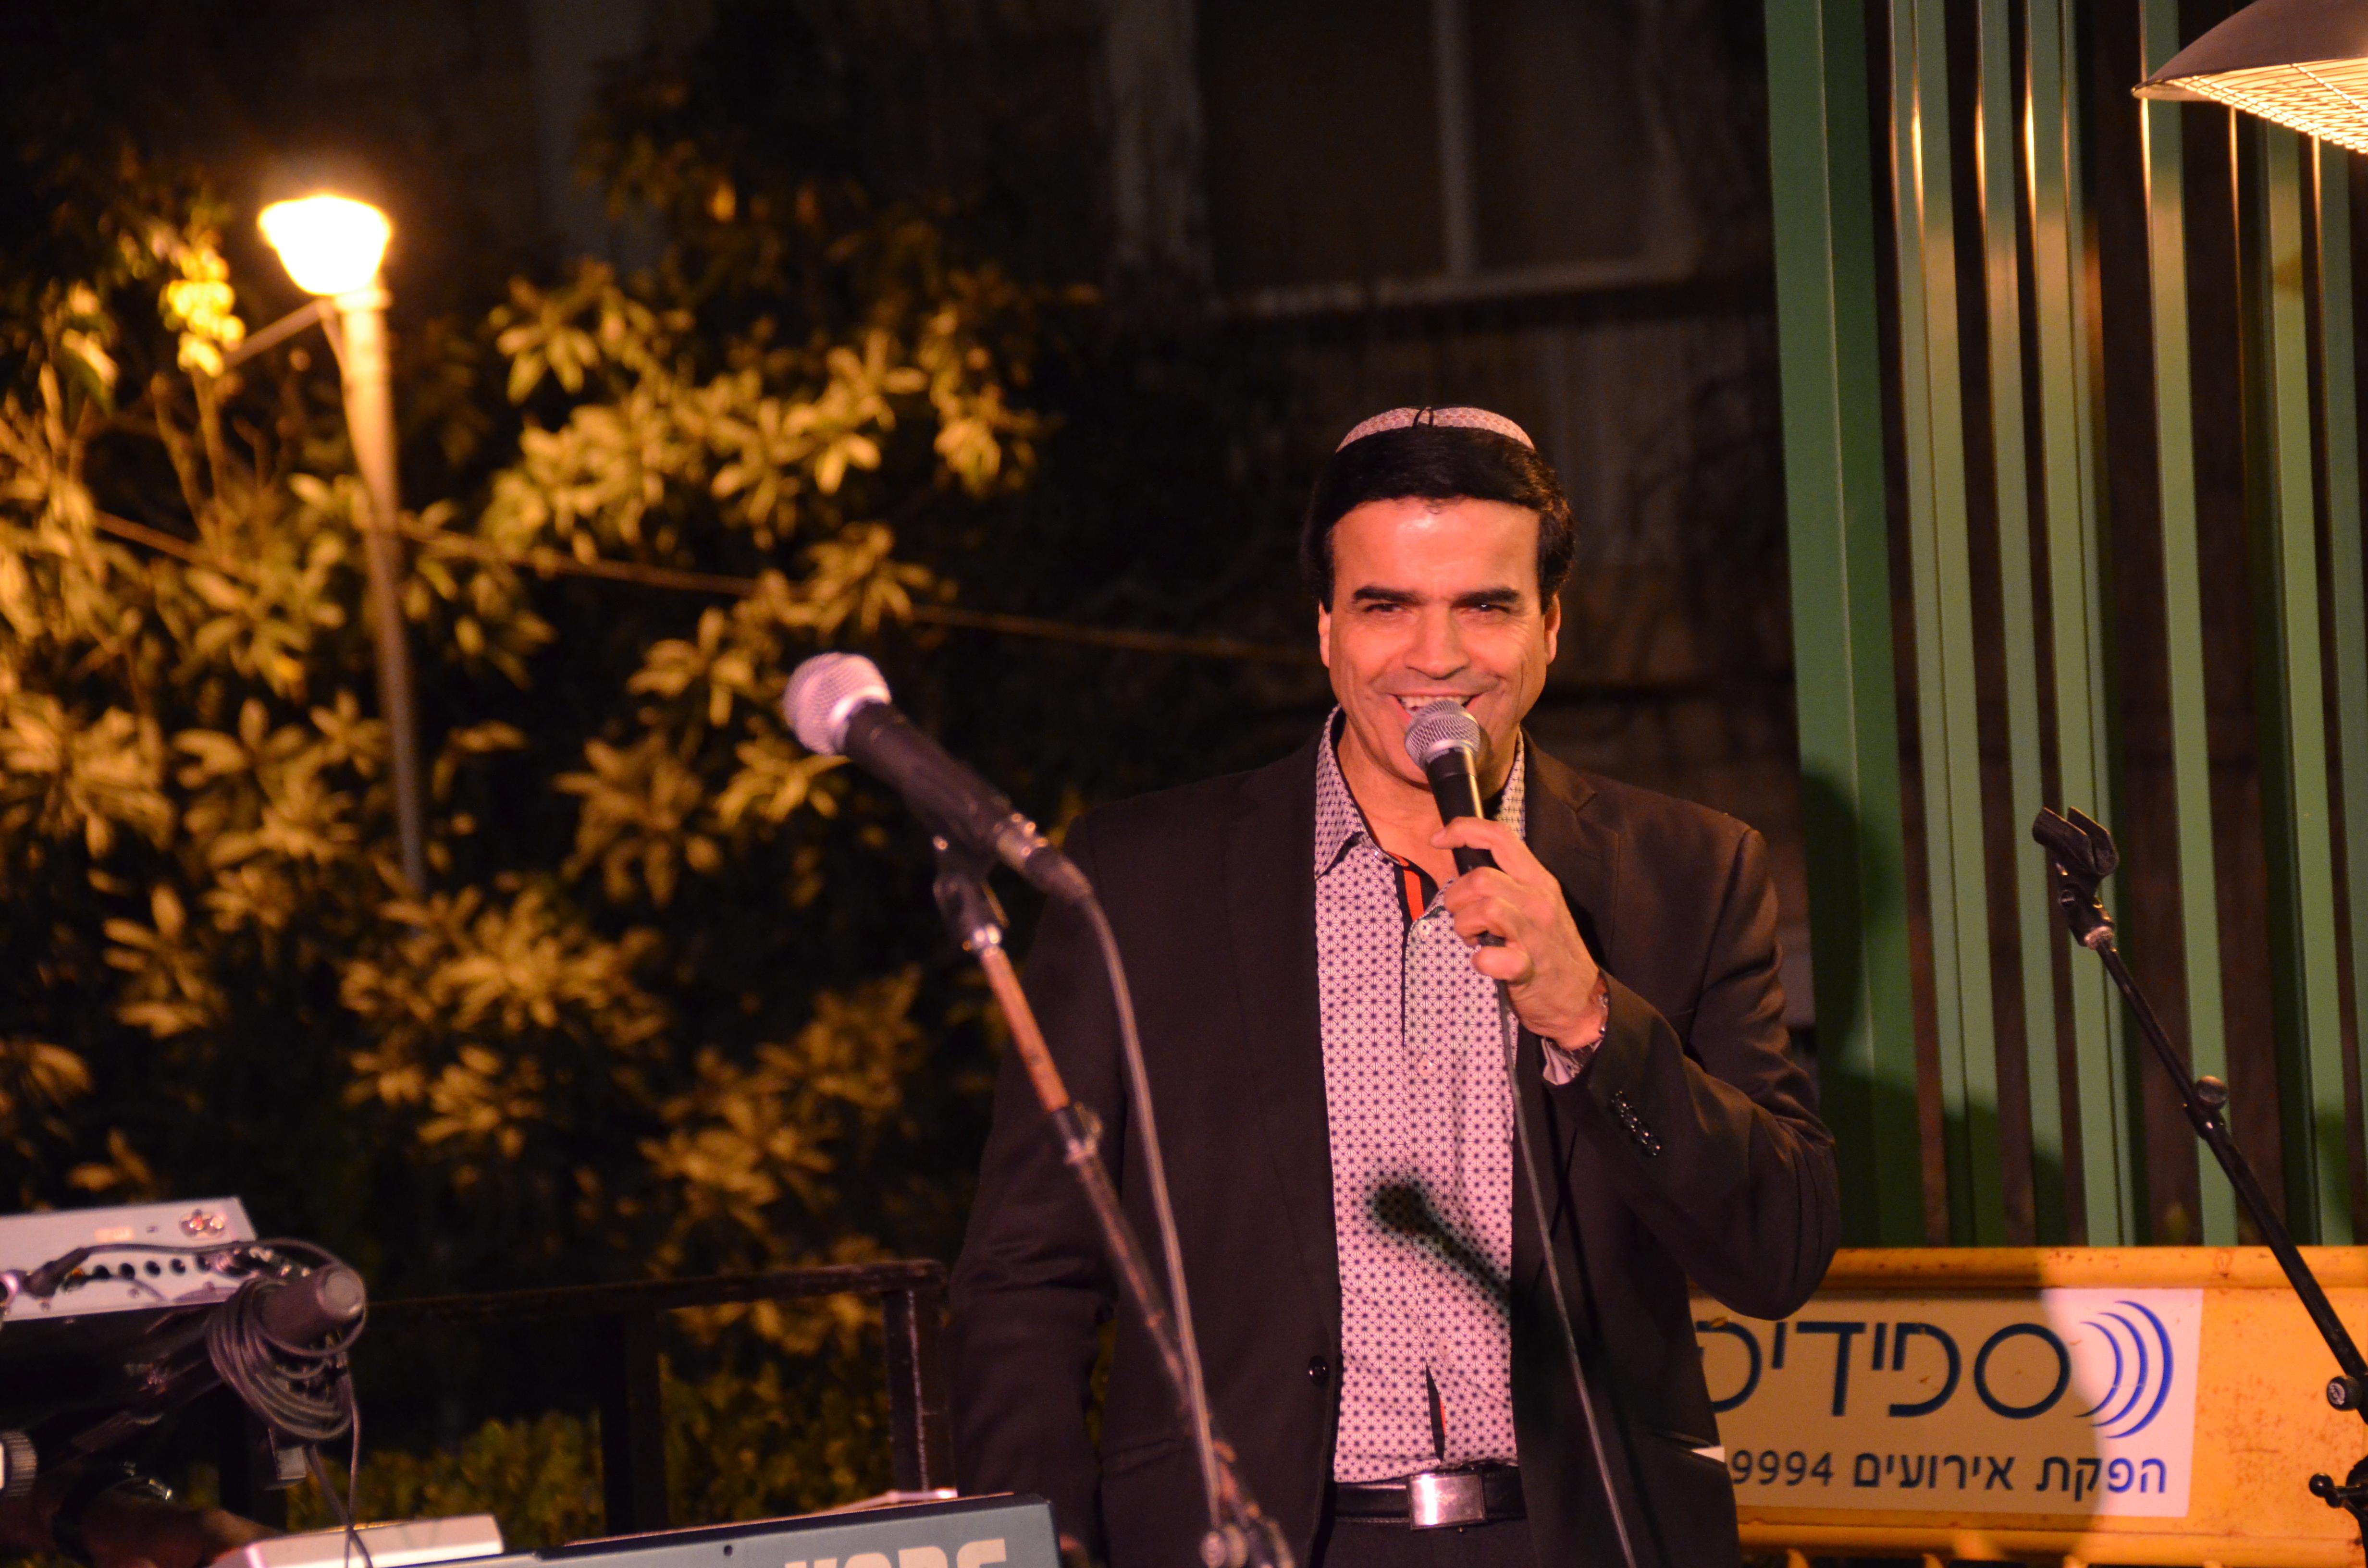 singer Zioin Golan